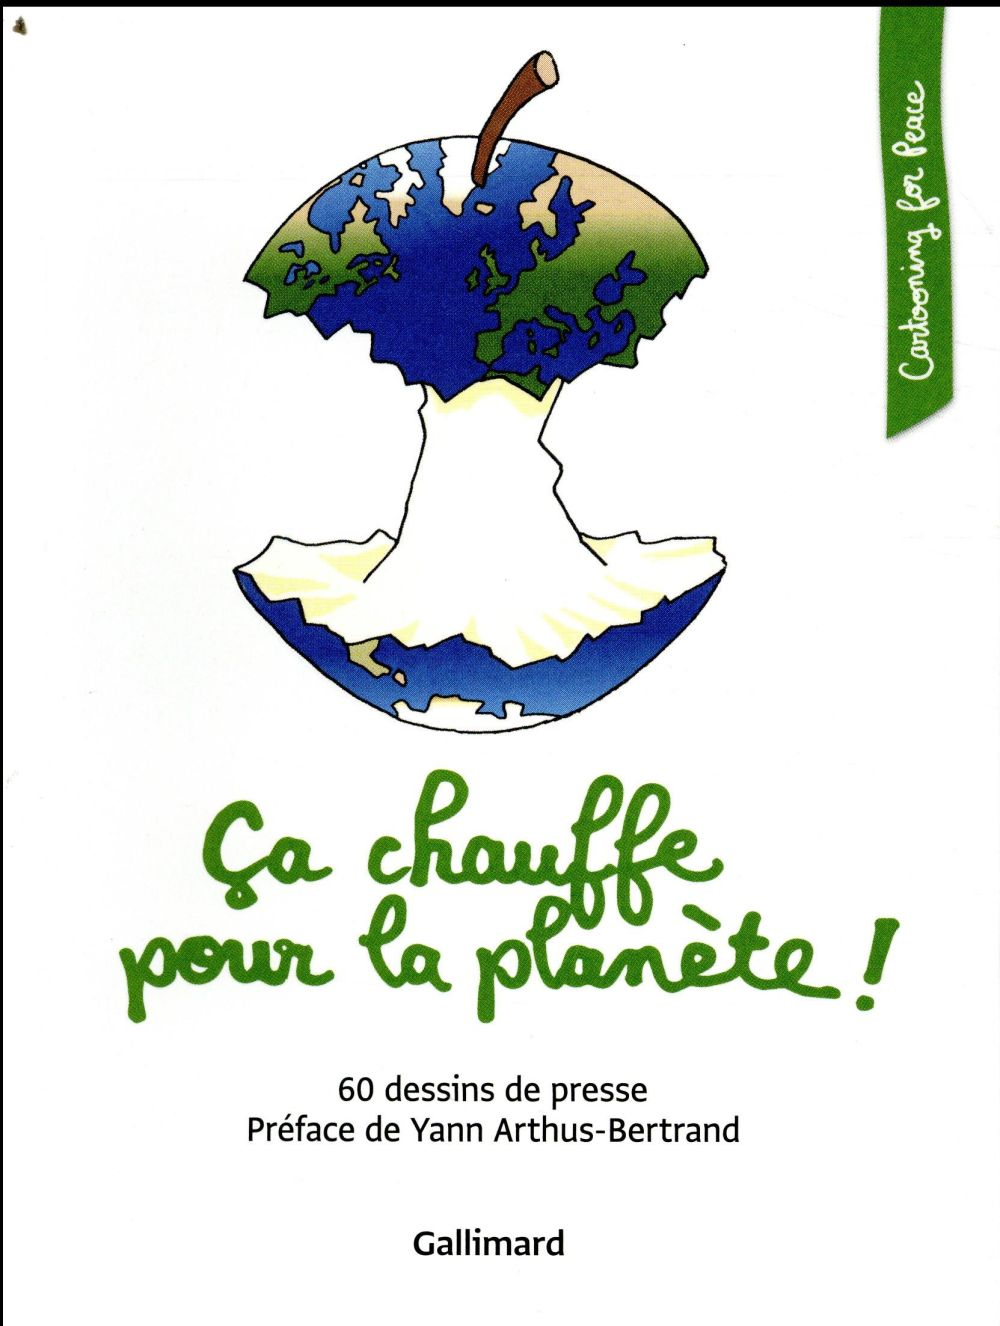 ça chauffe pour la planète ! 60 dessins de presse